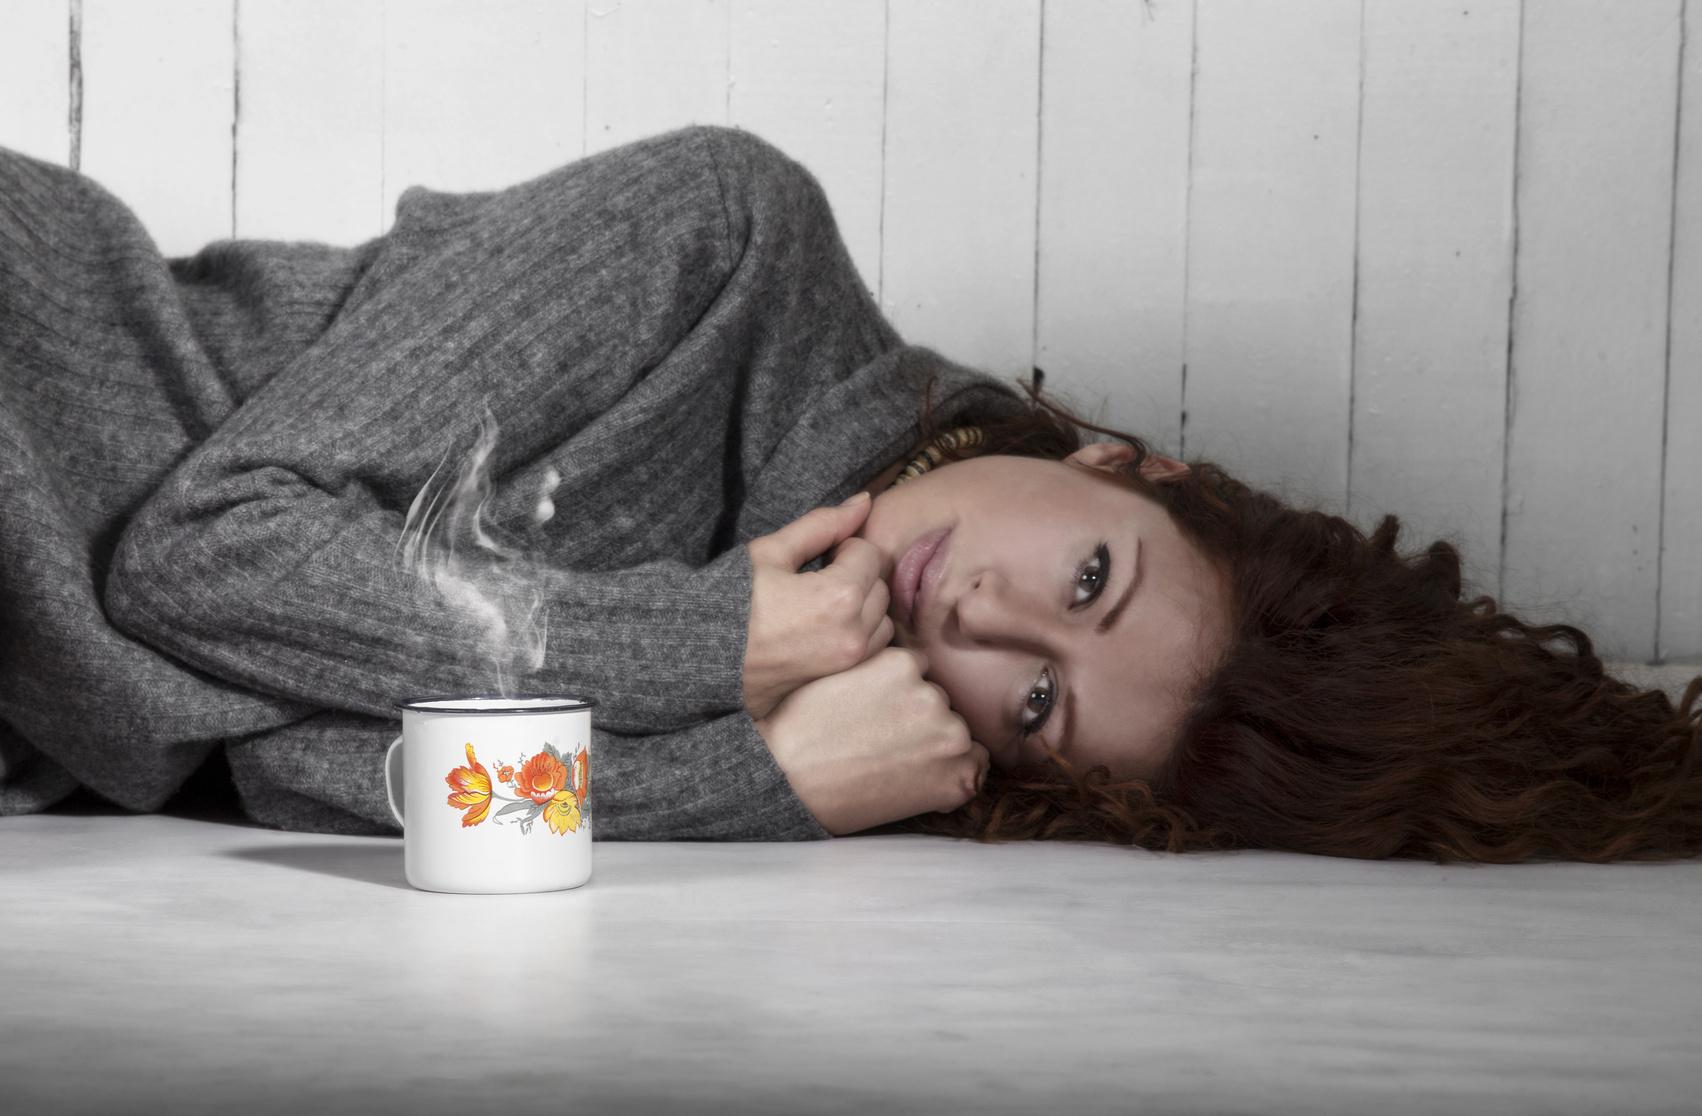 【要注意】疲れやすい、甘いものが欲しいは「冬季うつ病」の危険あり。3つの予防法で対処しよう